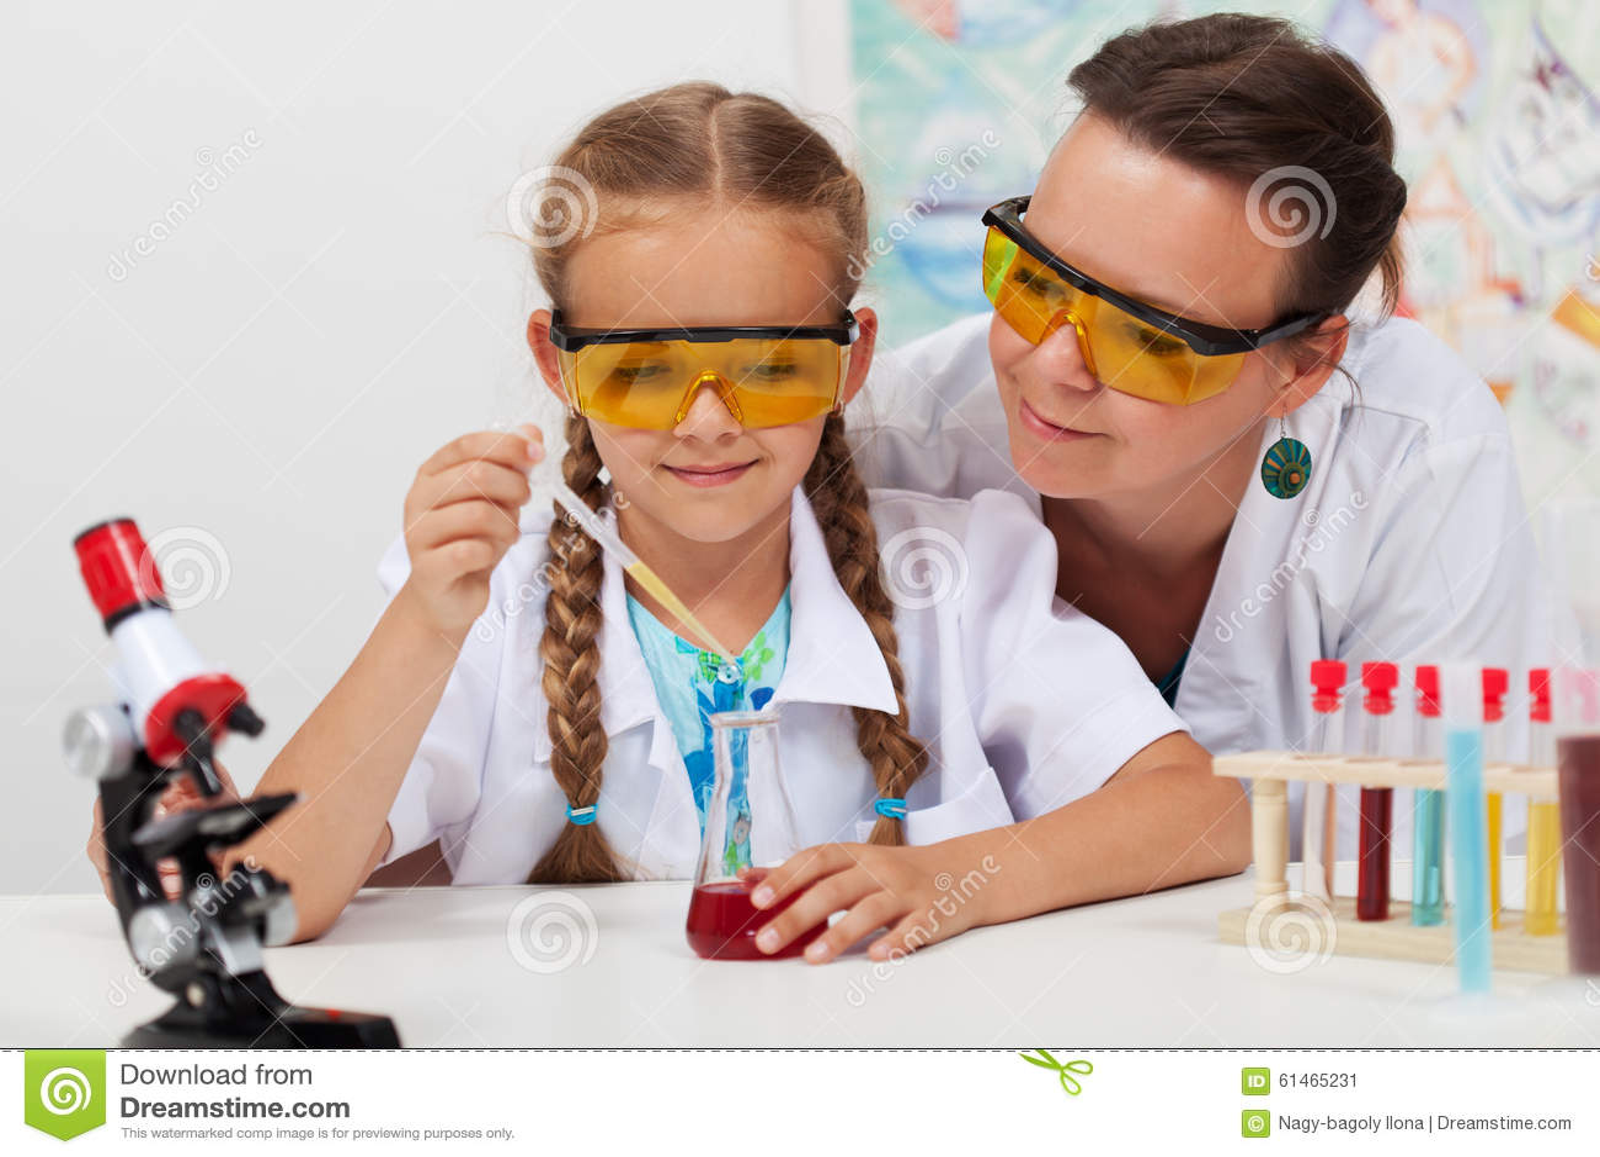 Nauczyciel nadzoruje chemicznego eksperyment w nauki klasie